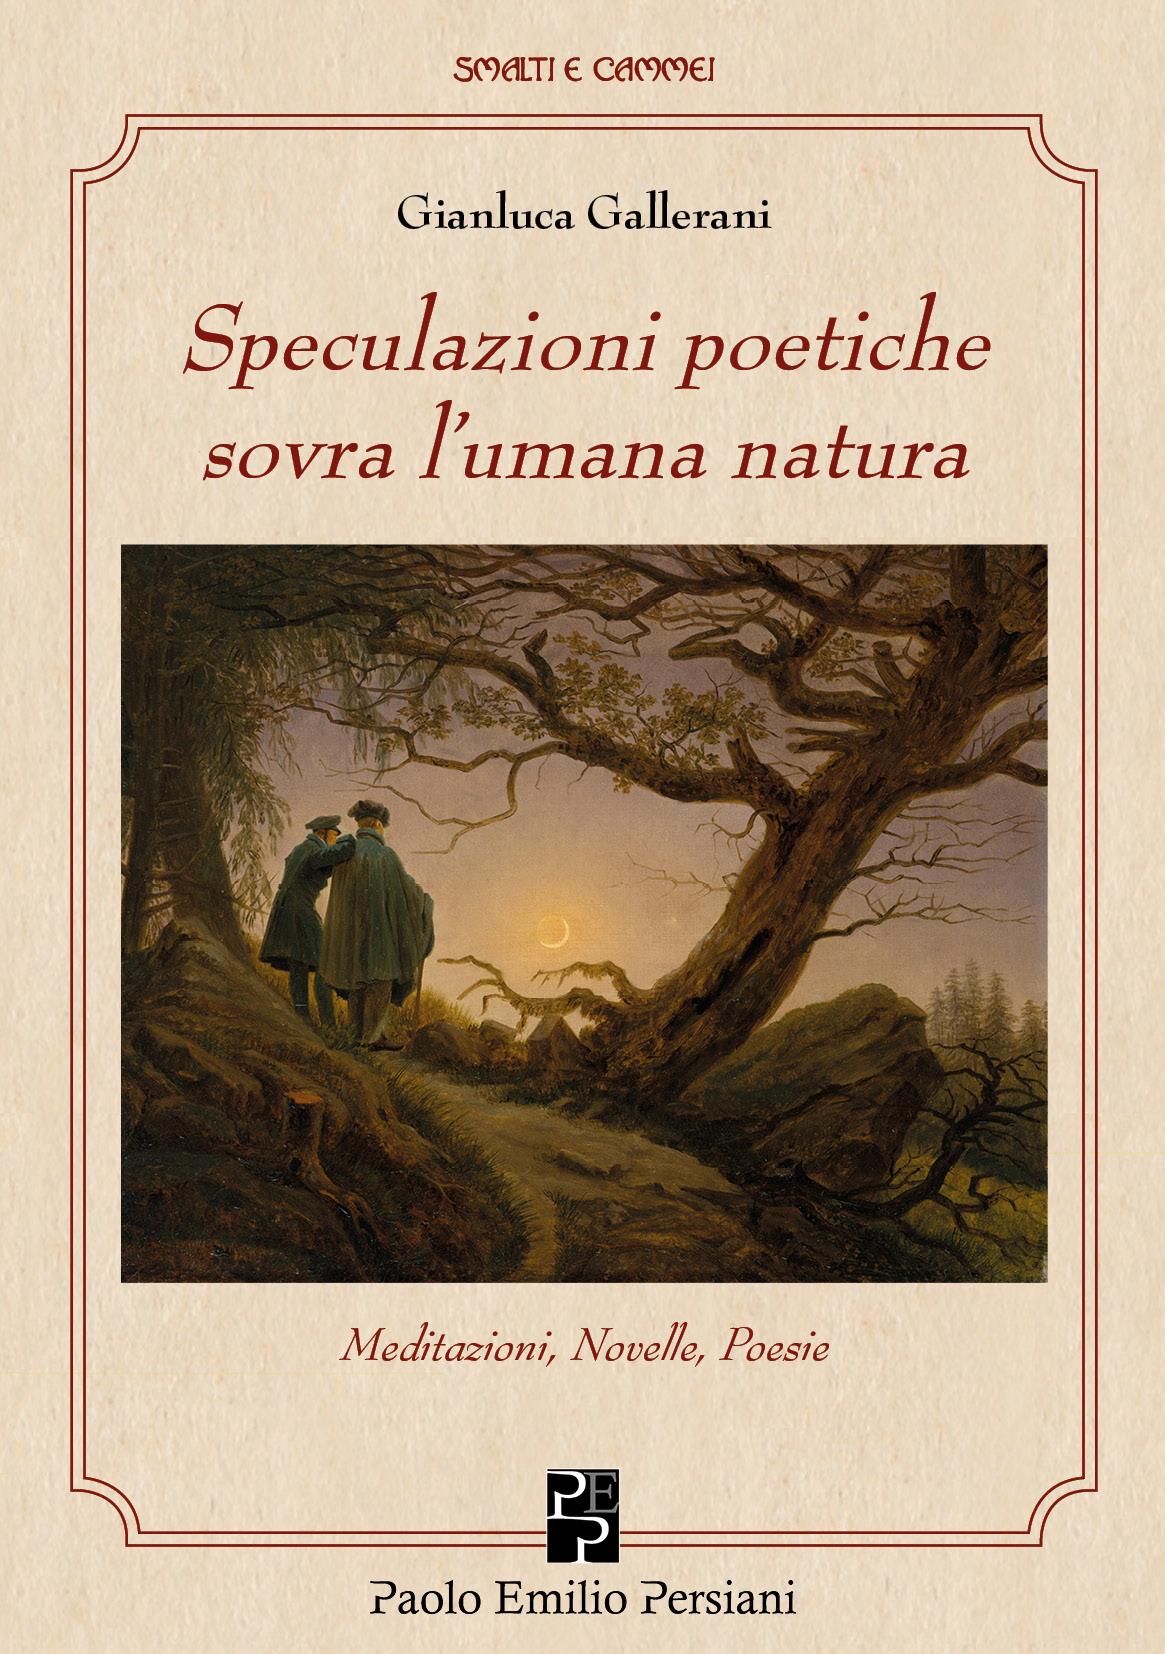 Speculazioni poetiche sovra l'umana natura